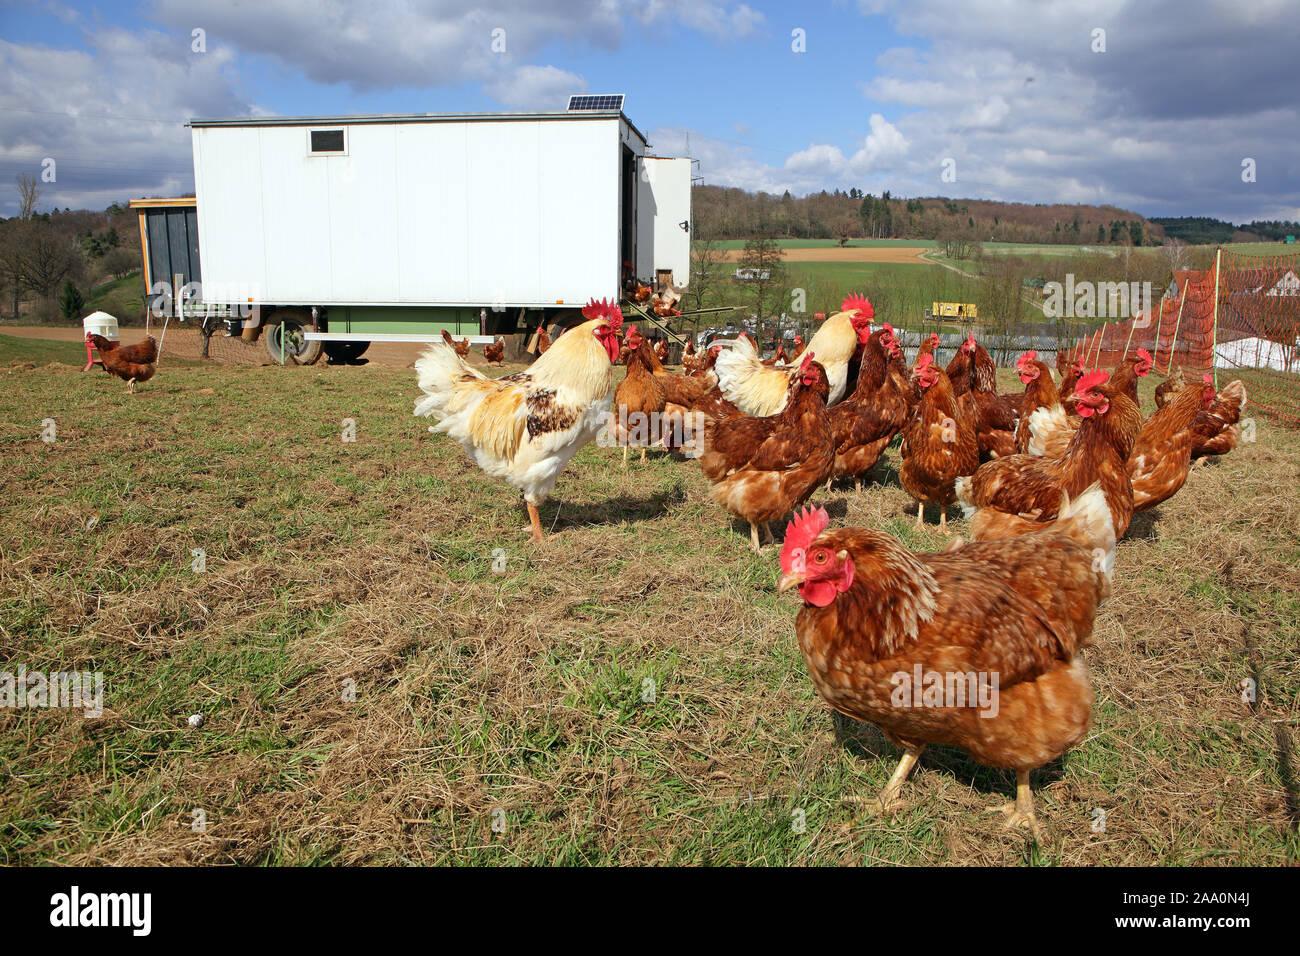 Hühner dans Freilandhaltung mit Auslauf auf einer Wiese. Im Hintergrund steht ein mobiles Hühnerhaus. Banque D'Images